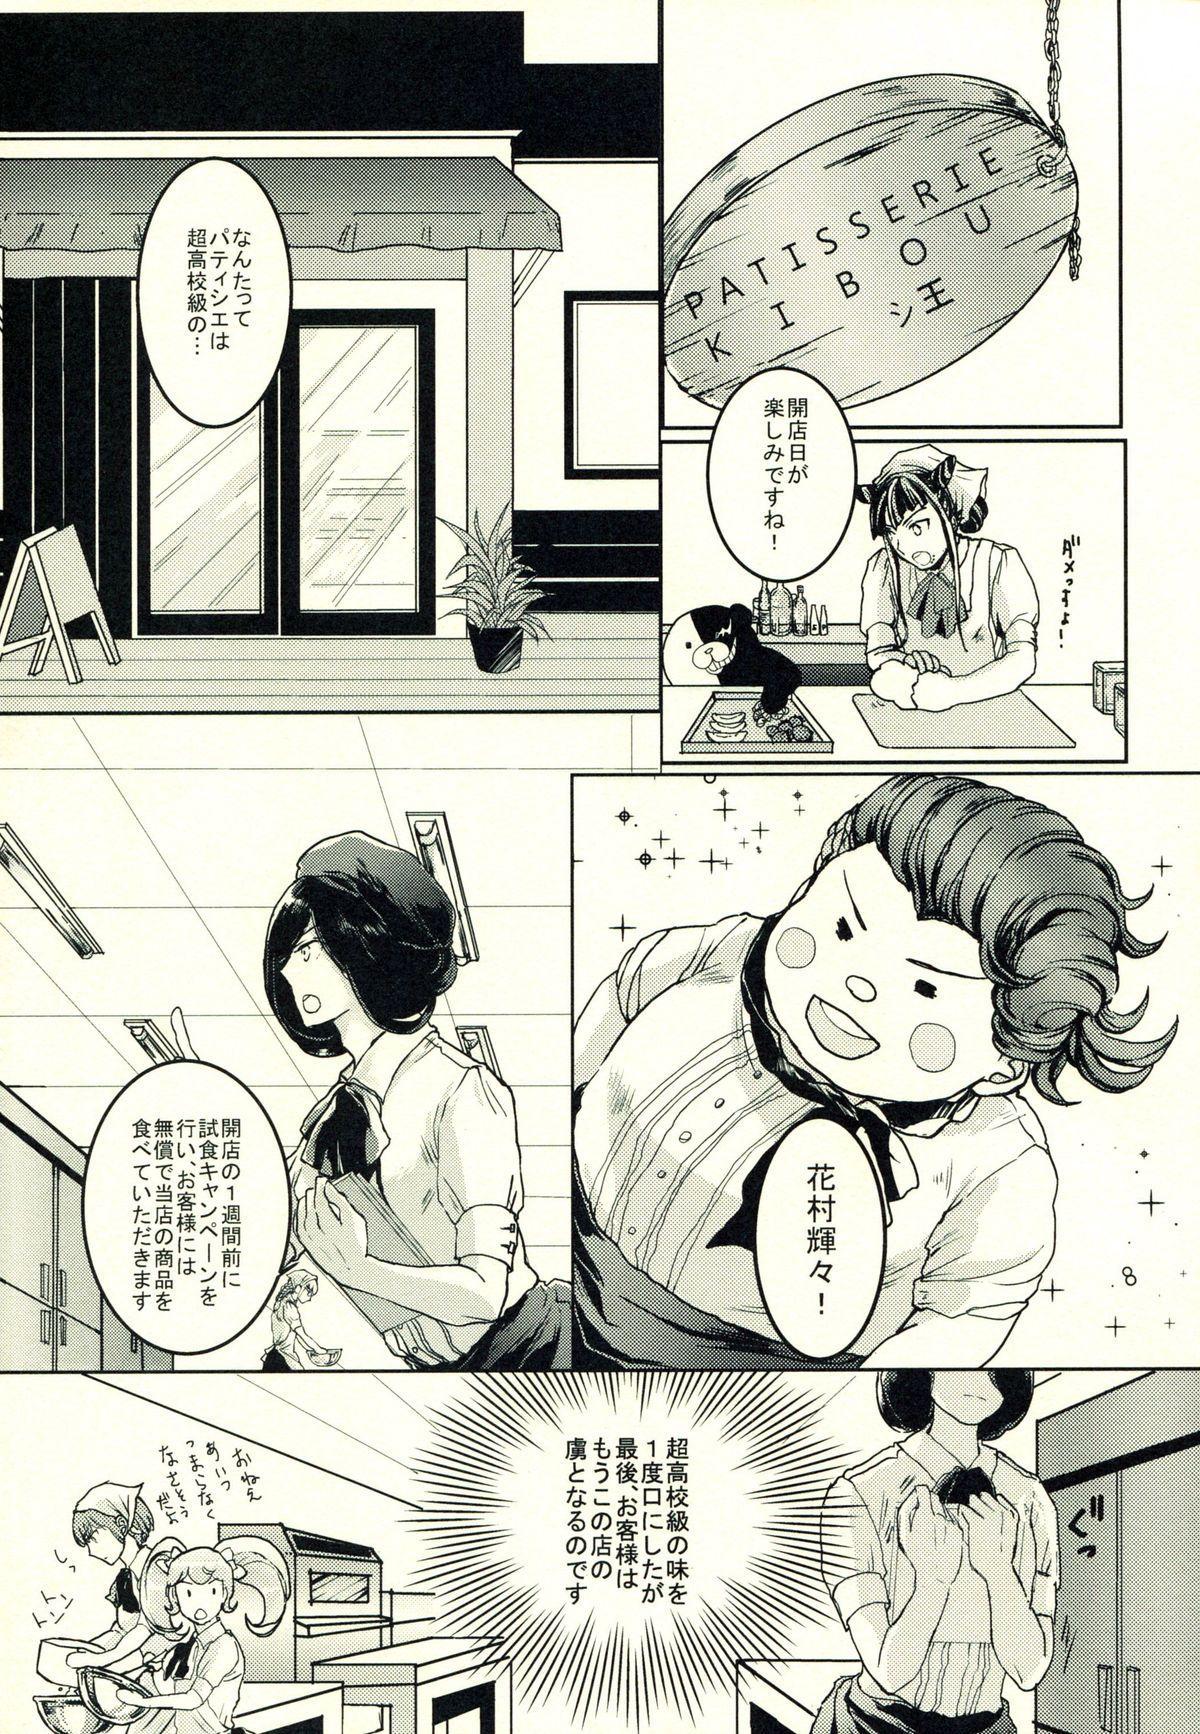 Hinata Hajime no Himitsu no Jikan 29